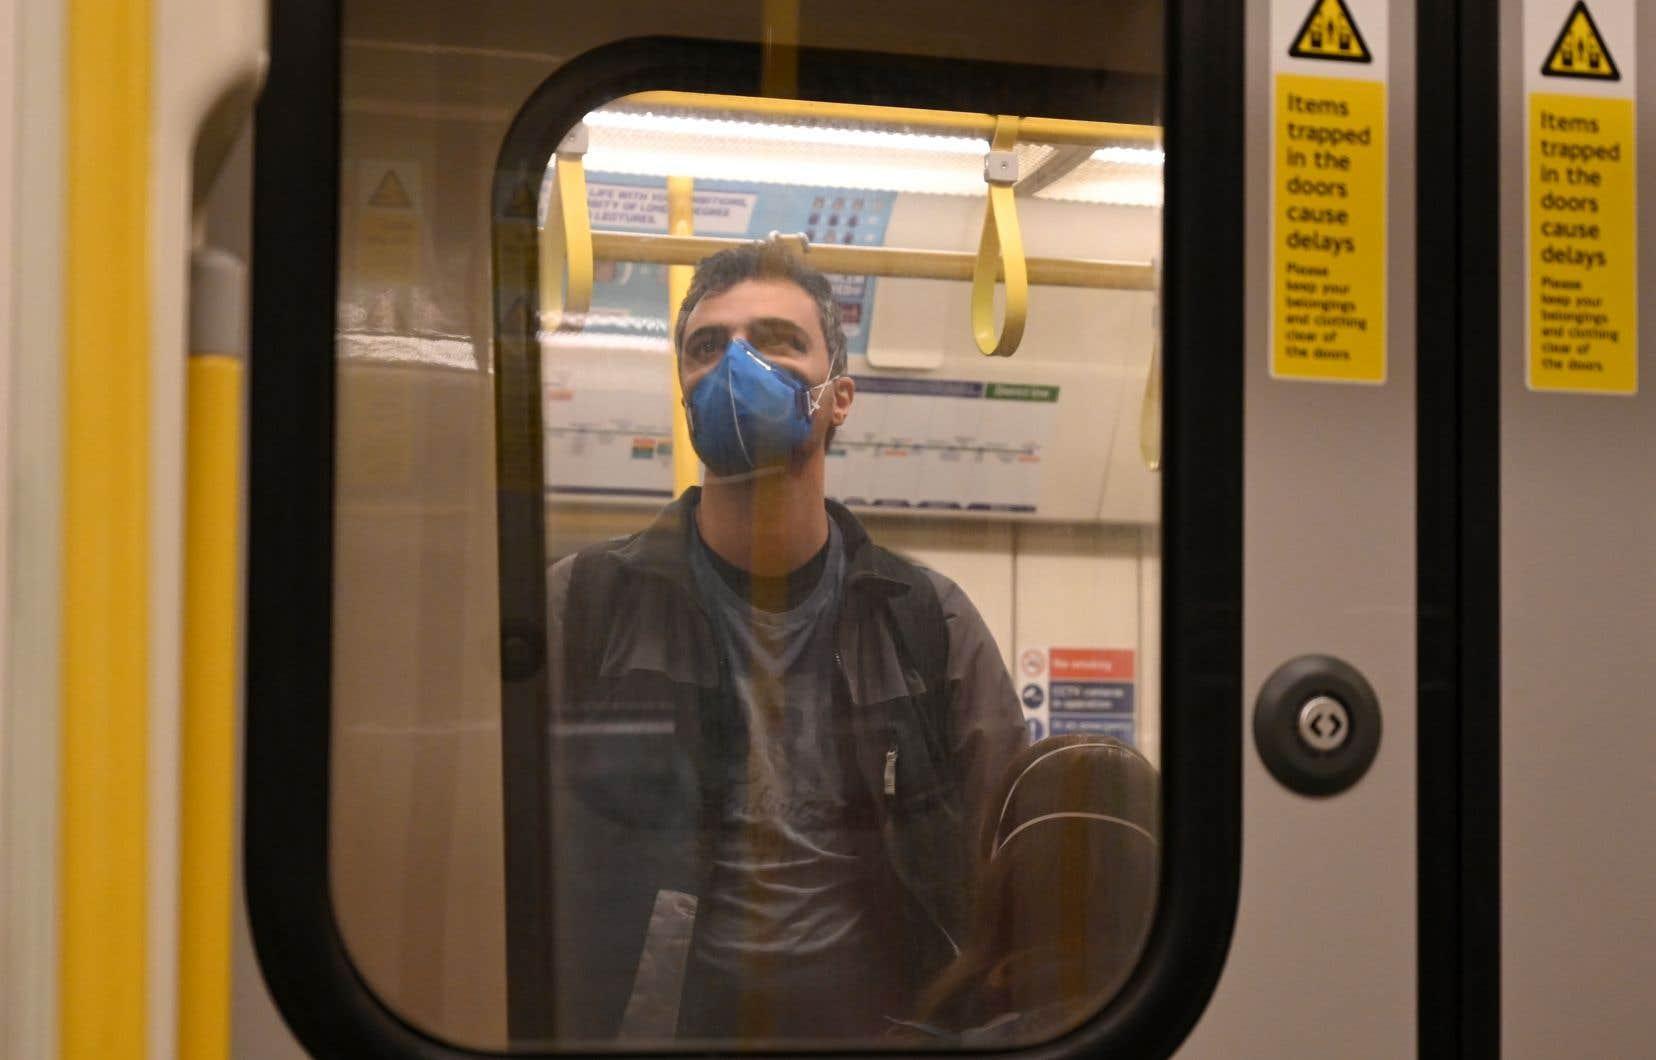 L'épidémie commence à se propager rapidement au Royaume-Uni. En photo, un passager du métro de Londres.